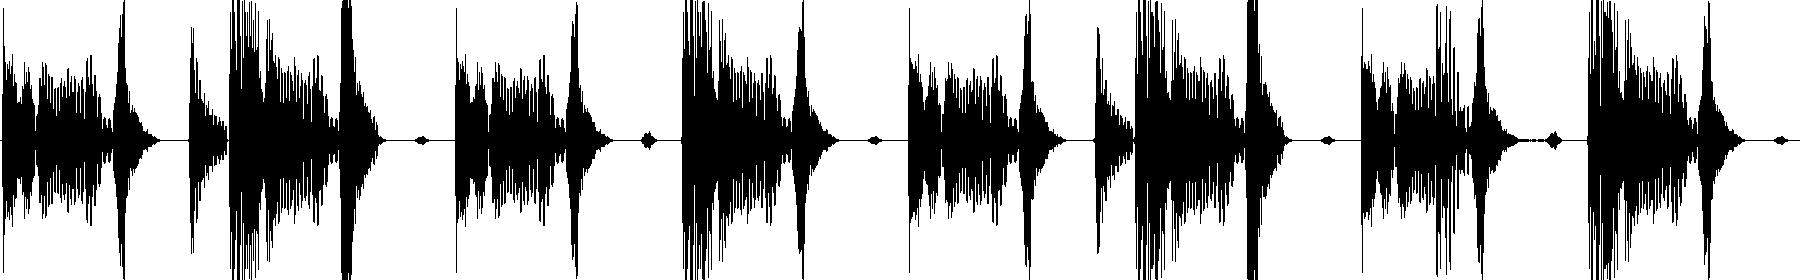 ehp drloop 127 electrodub